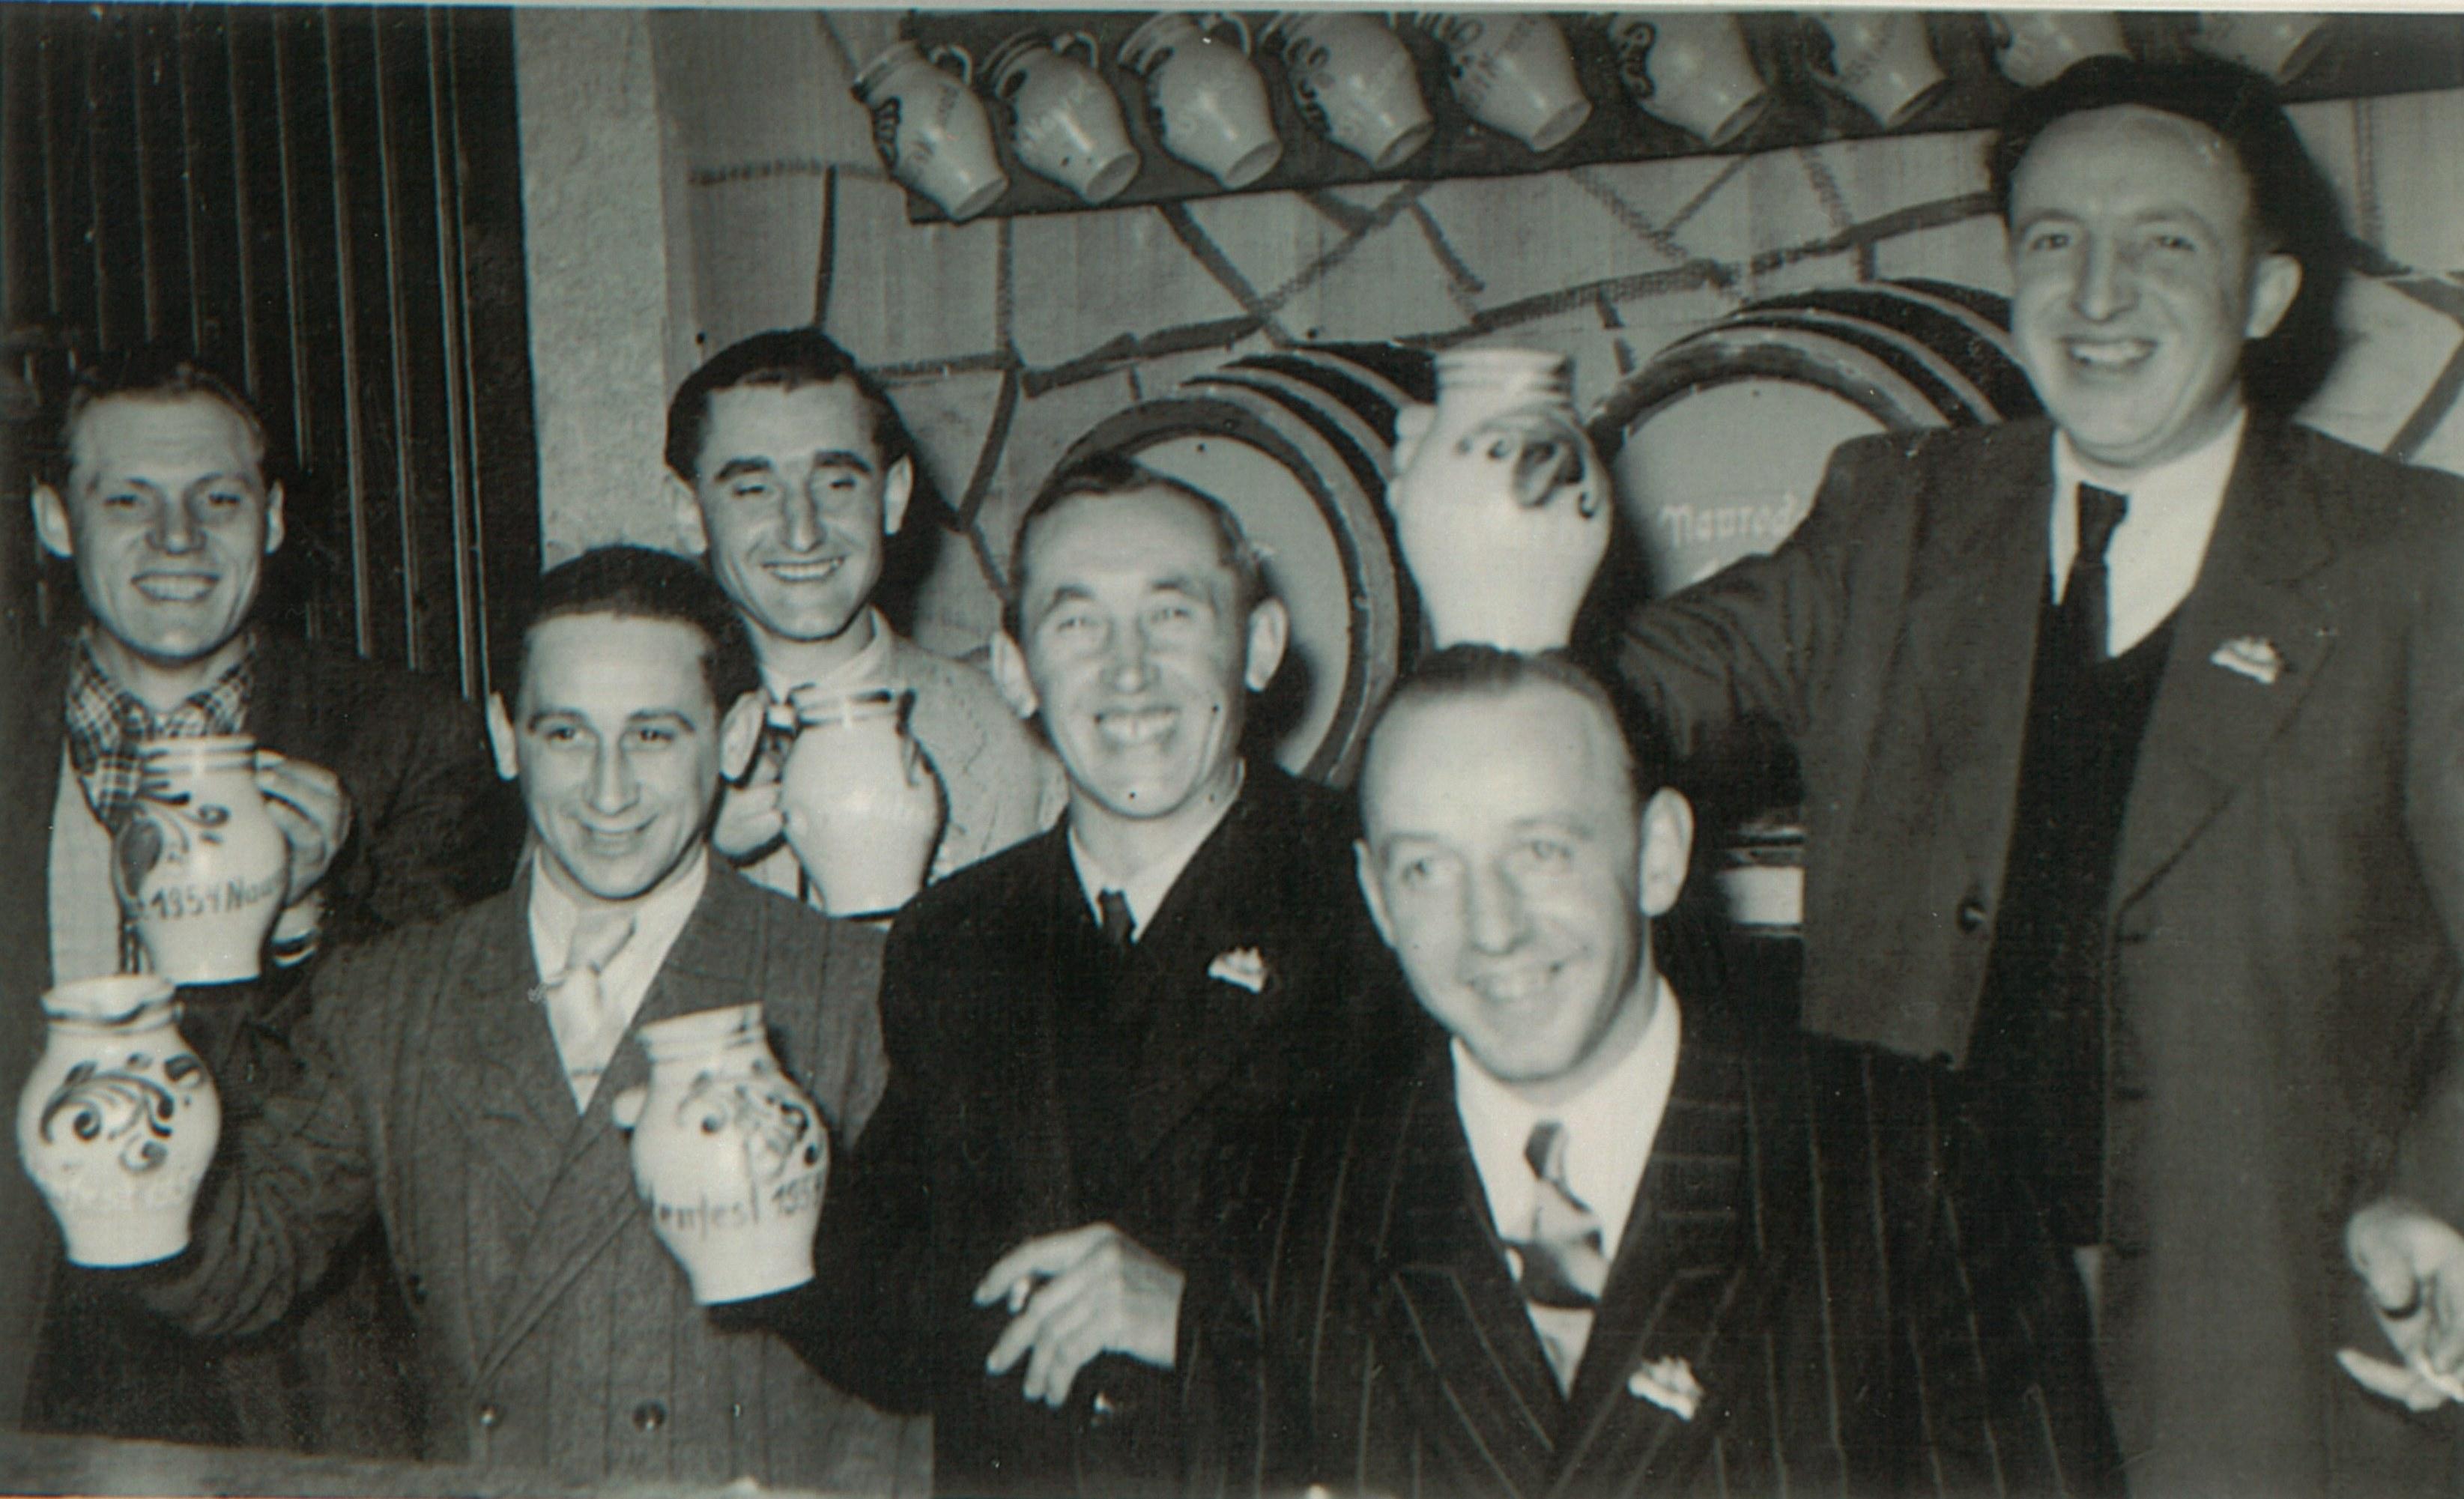 1950iger- Laufende Qualitätskontrolle beim Blütenfest mit Edgar Beltz-Otto Becht-Rudi Beltz-Willi Sand-Adolf Nickel und Karl Beltz